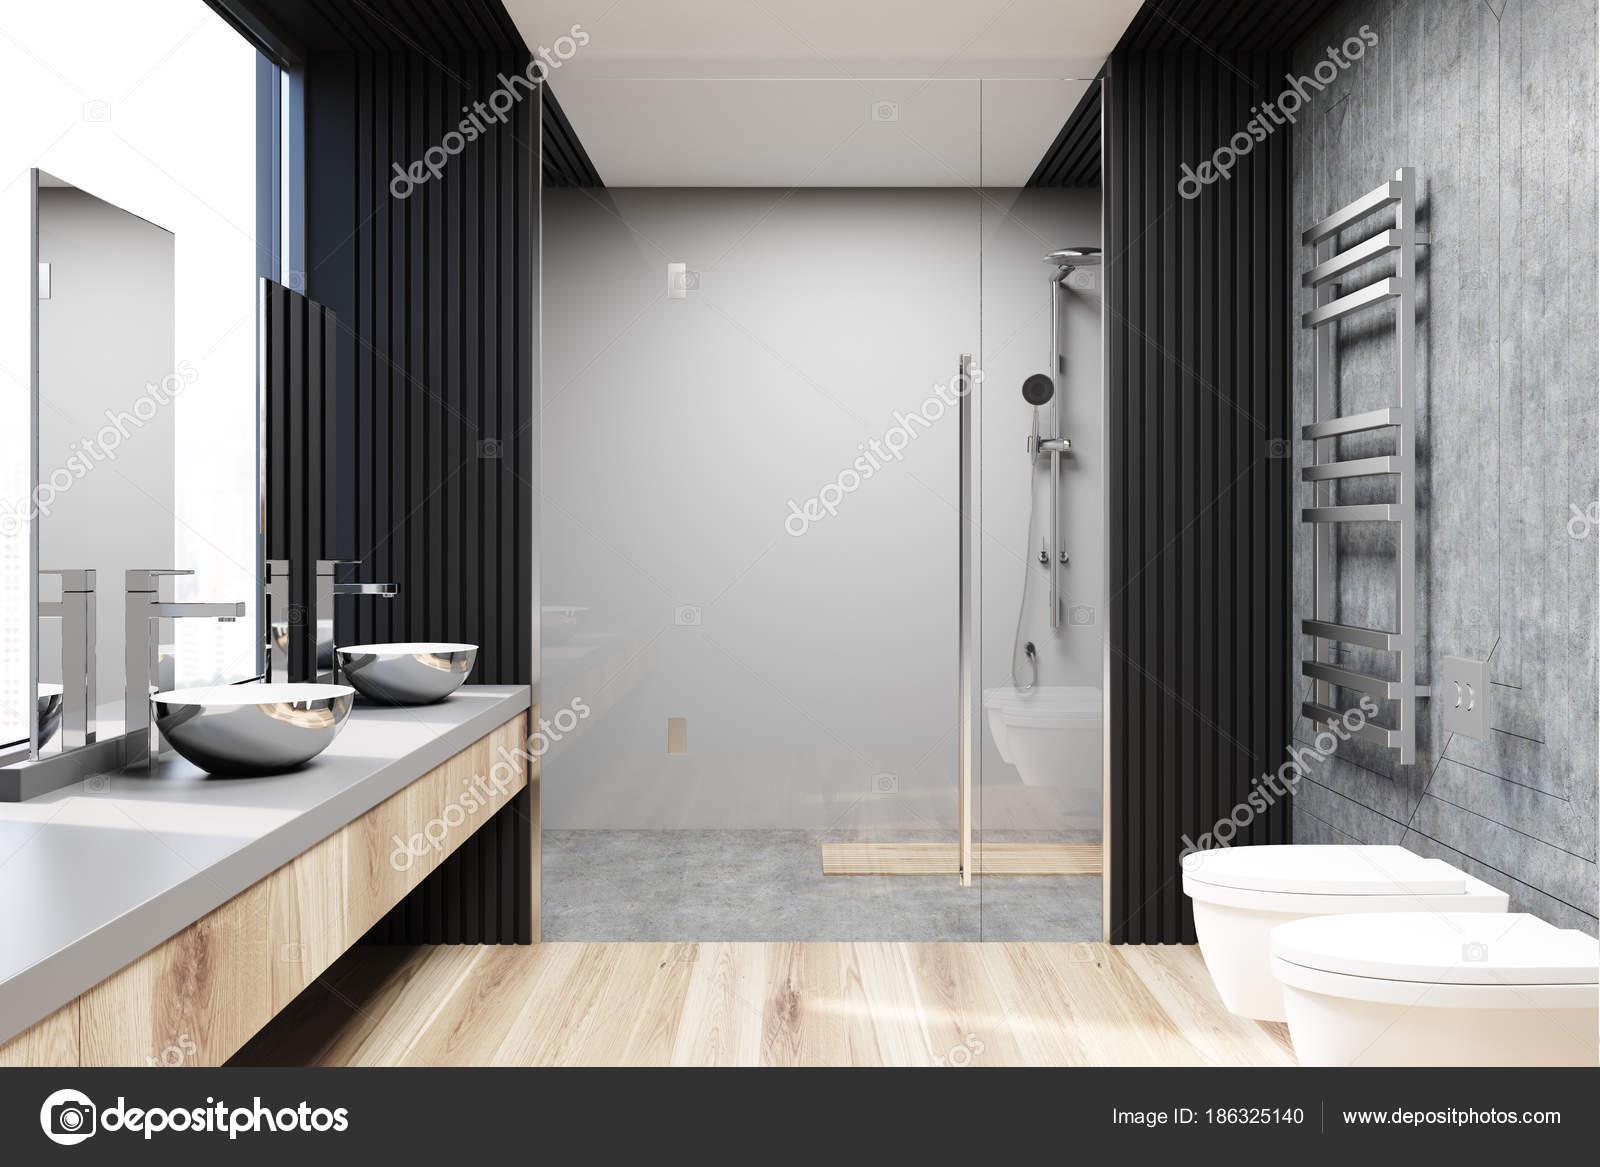 Betonfußboden Im Bad ~ Grau und beton badezimmer interieur eine dusche u2014 stockfoto